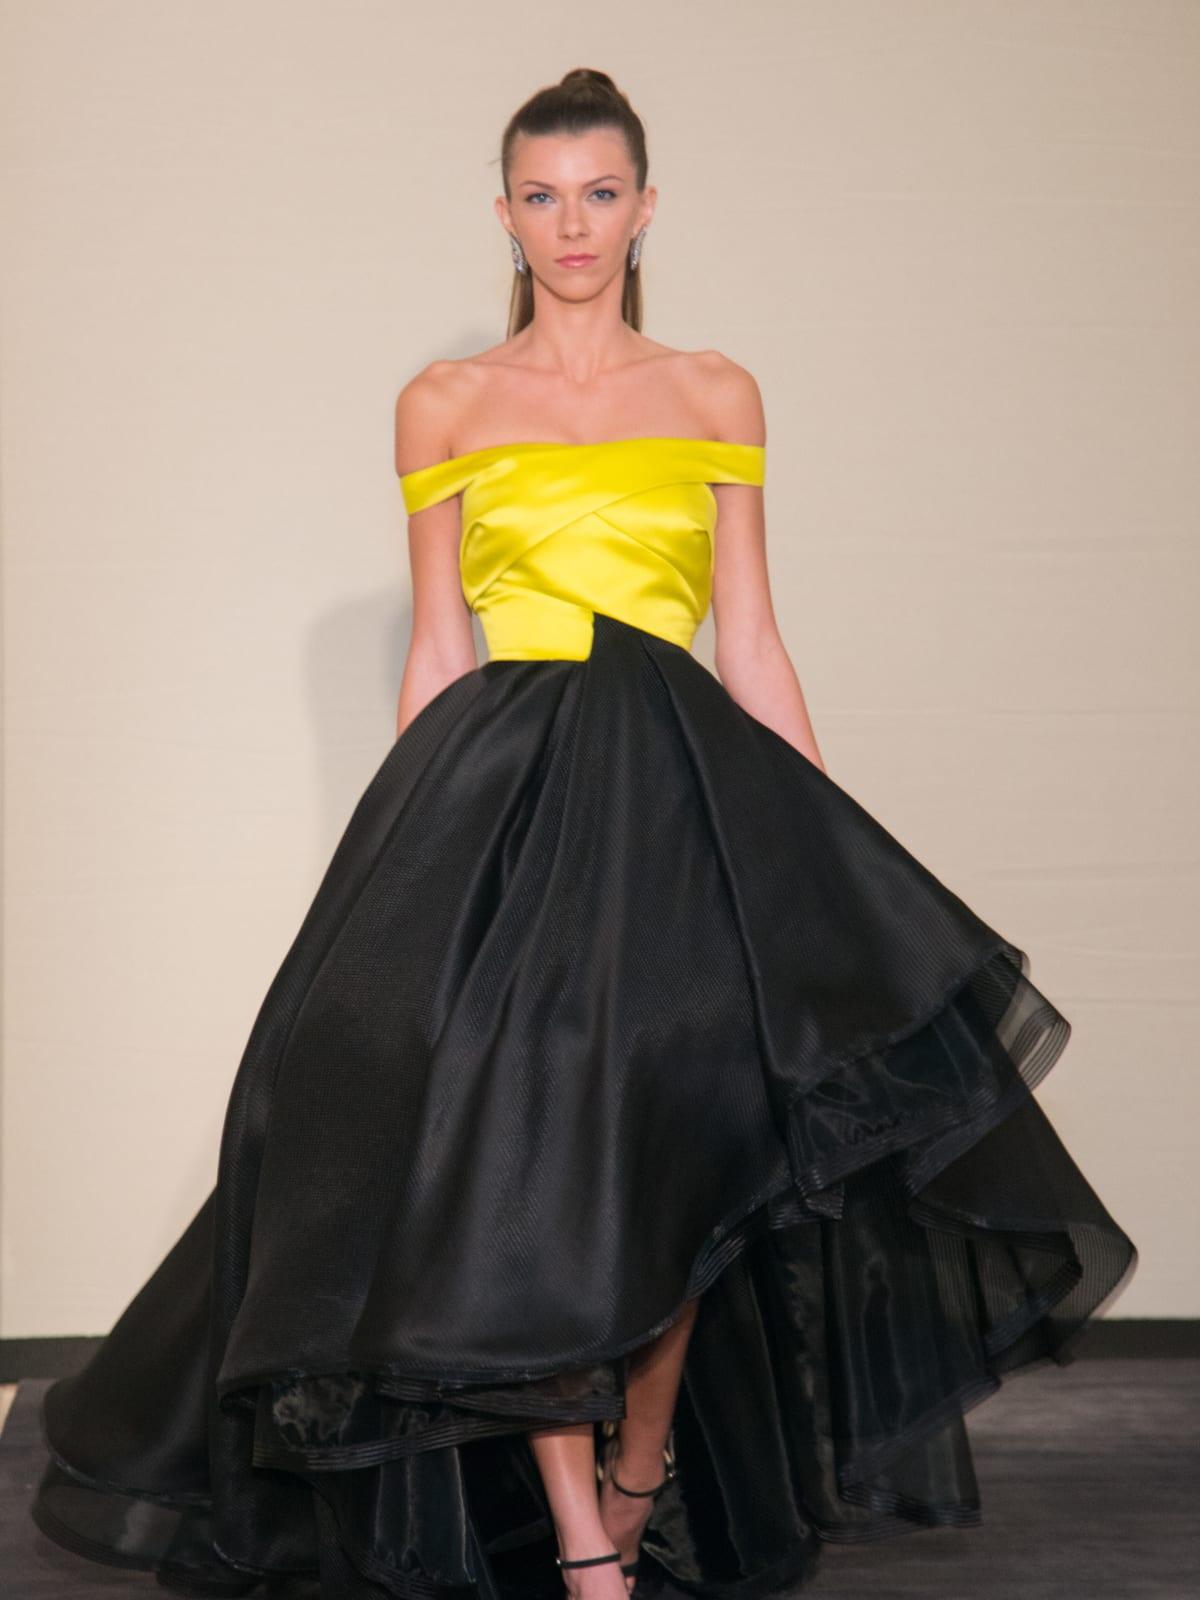 Rubin Singer Dress for Dinner model in yellow and black dress